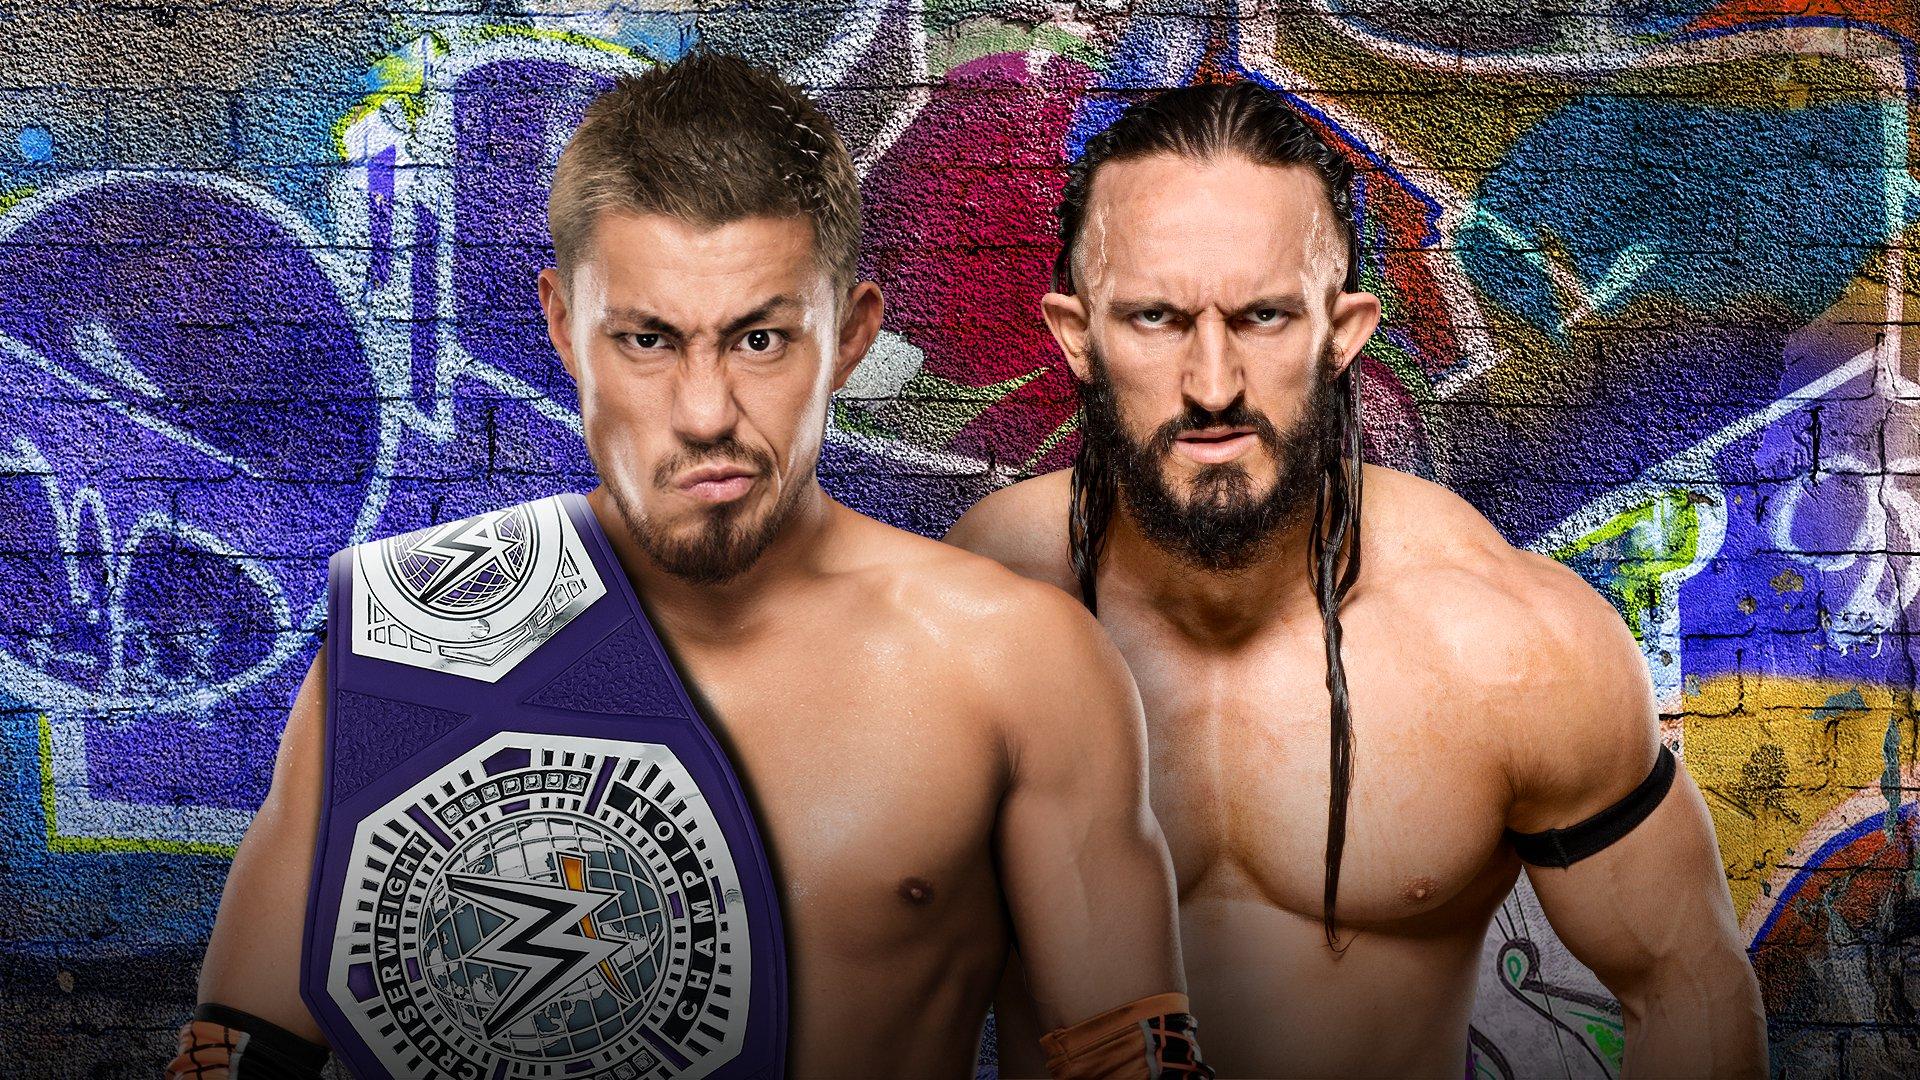 WWE SummerSlam 2017: Akira Tozawa vs. Neville